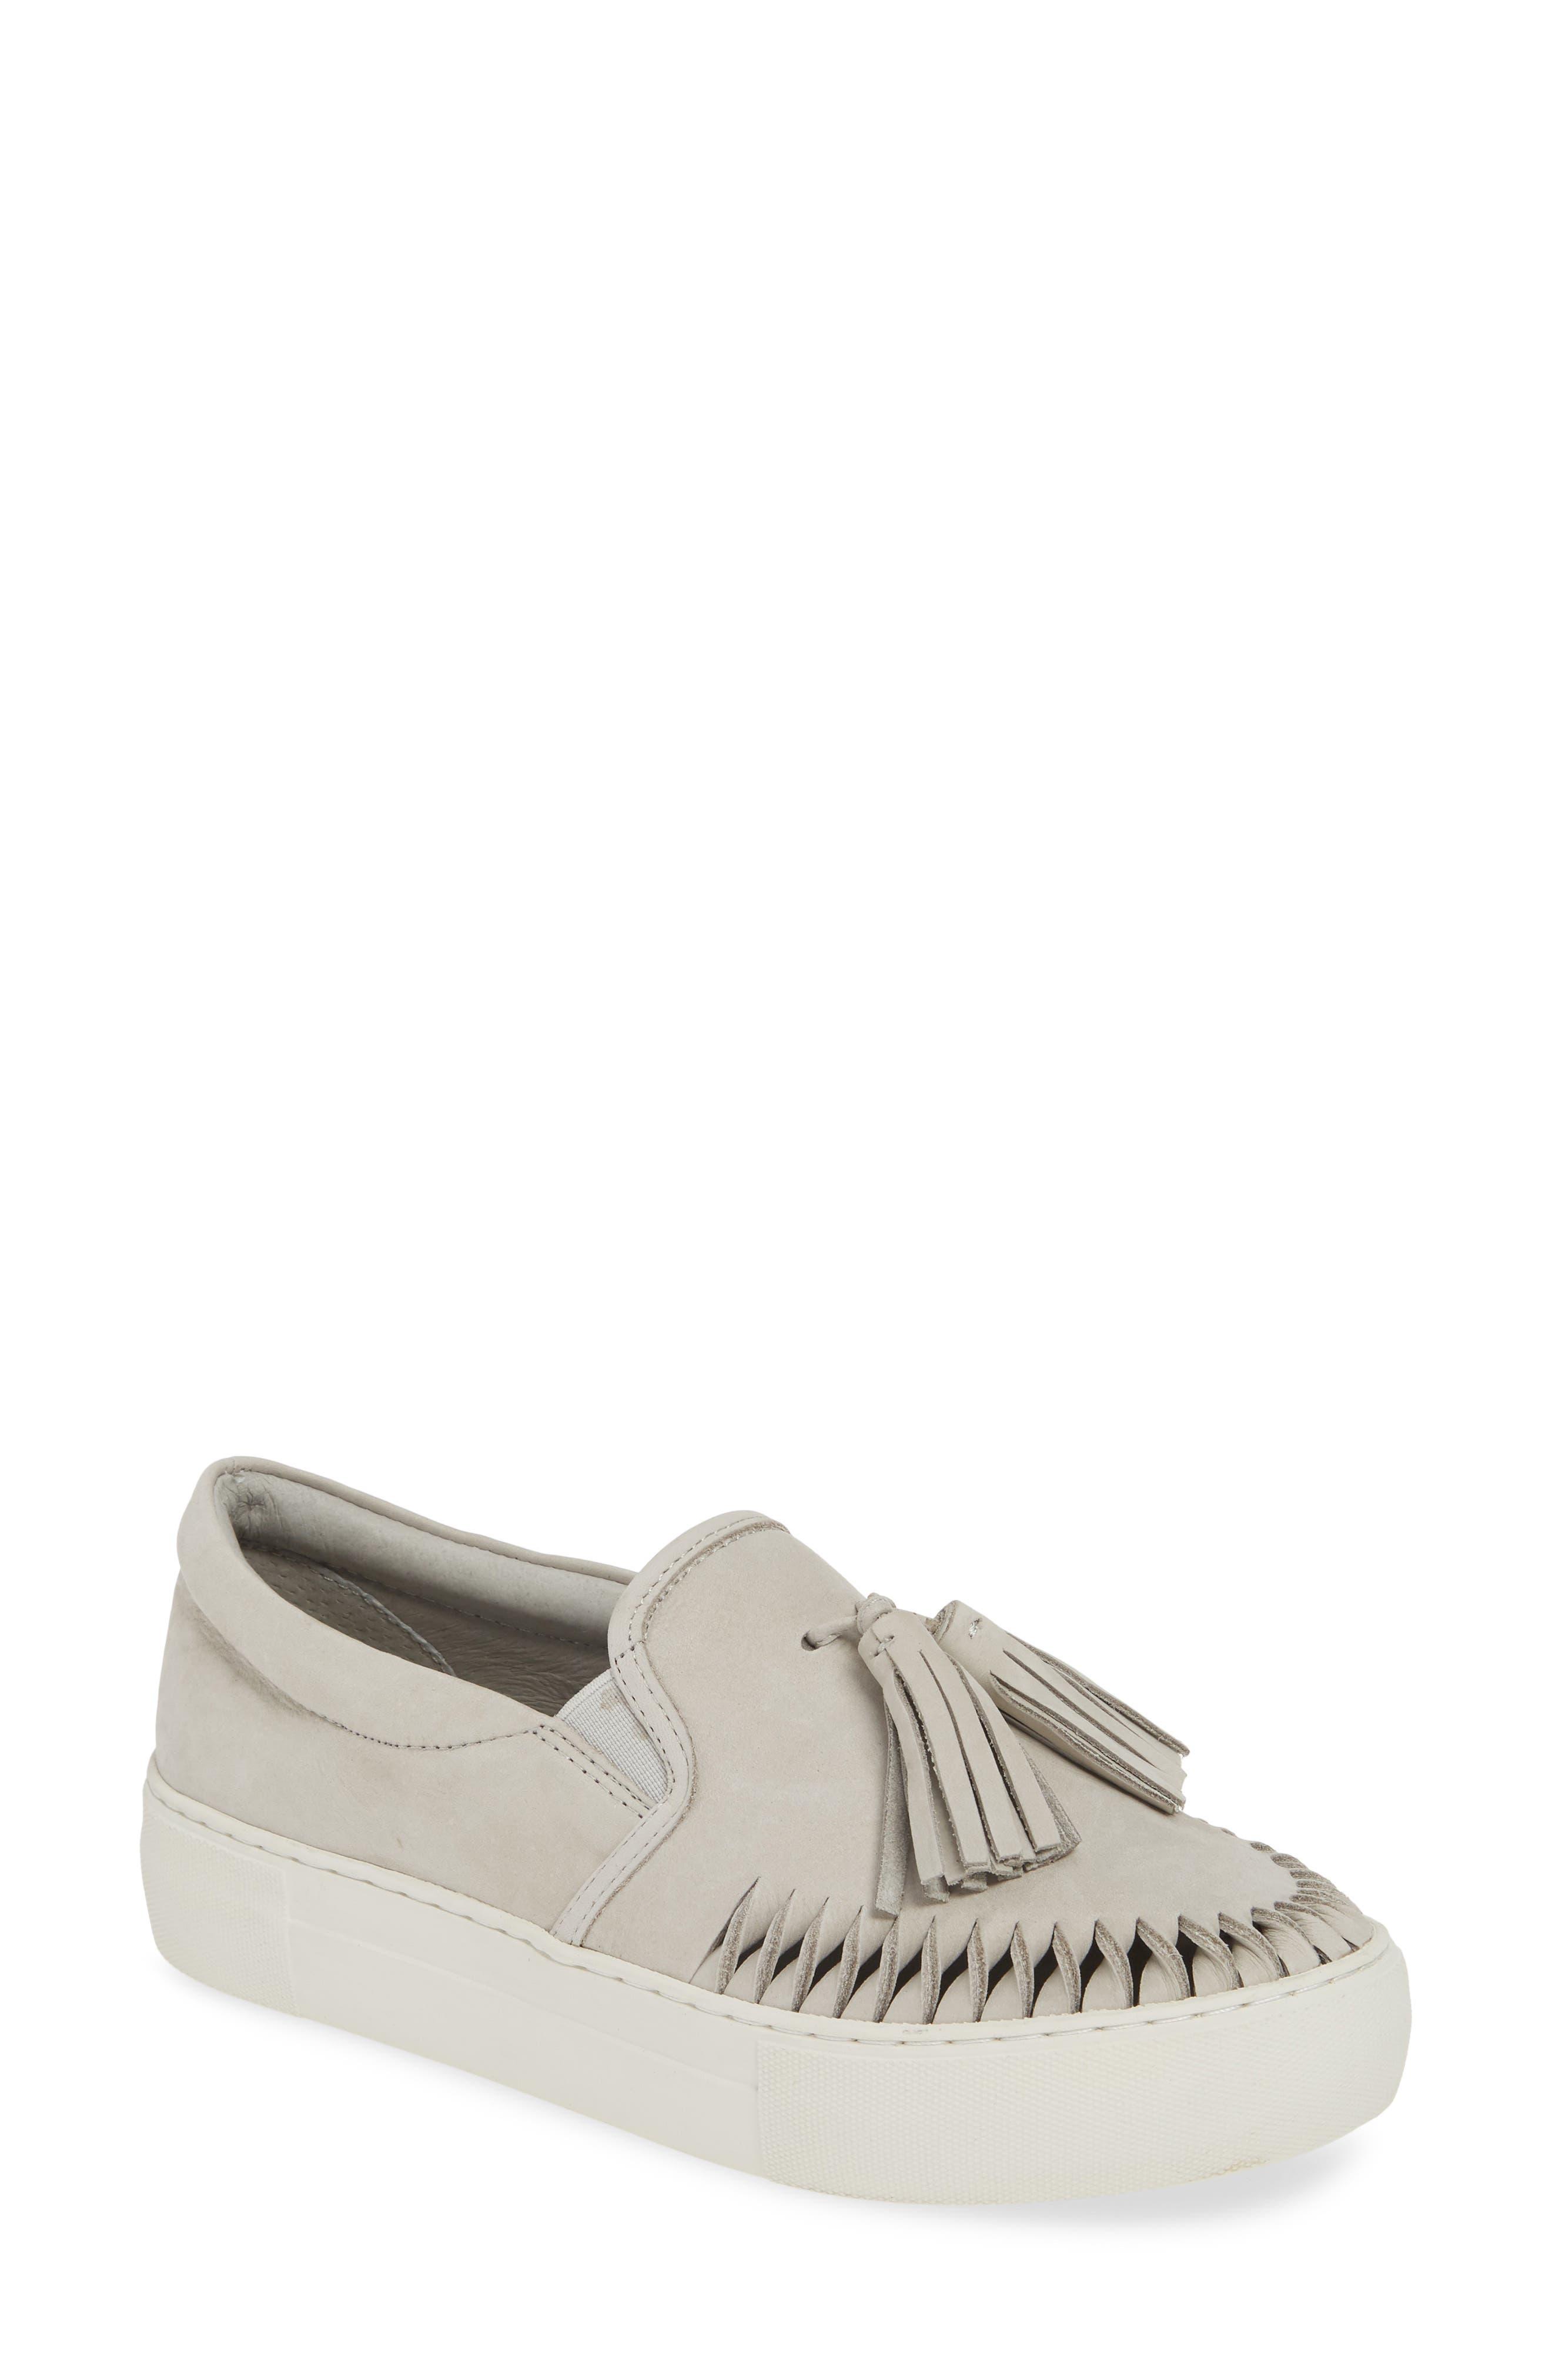 Jslides Tassel Slip-On Sneaker, Grey